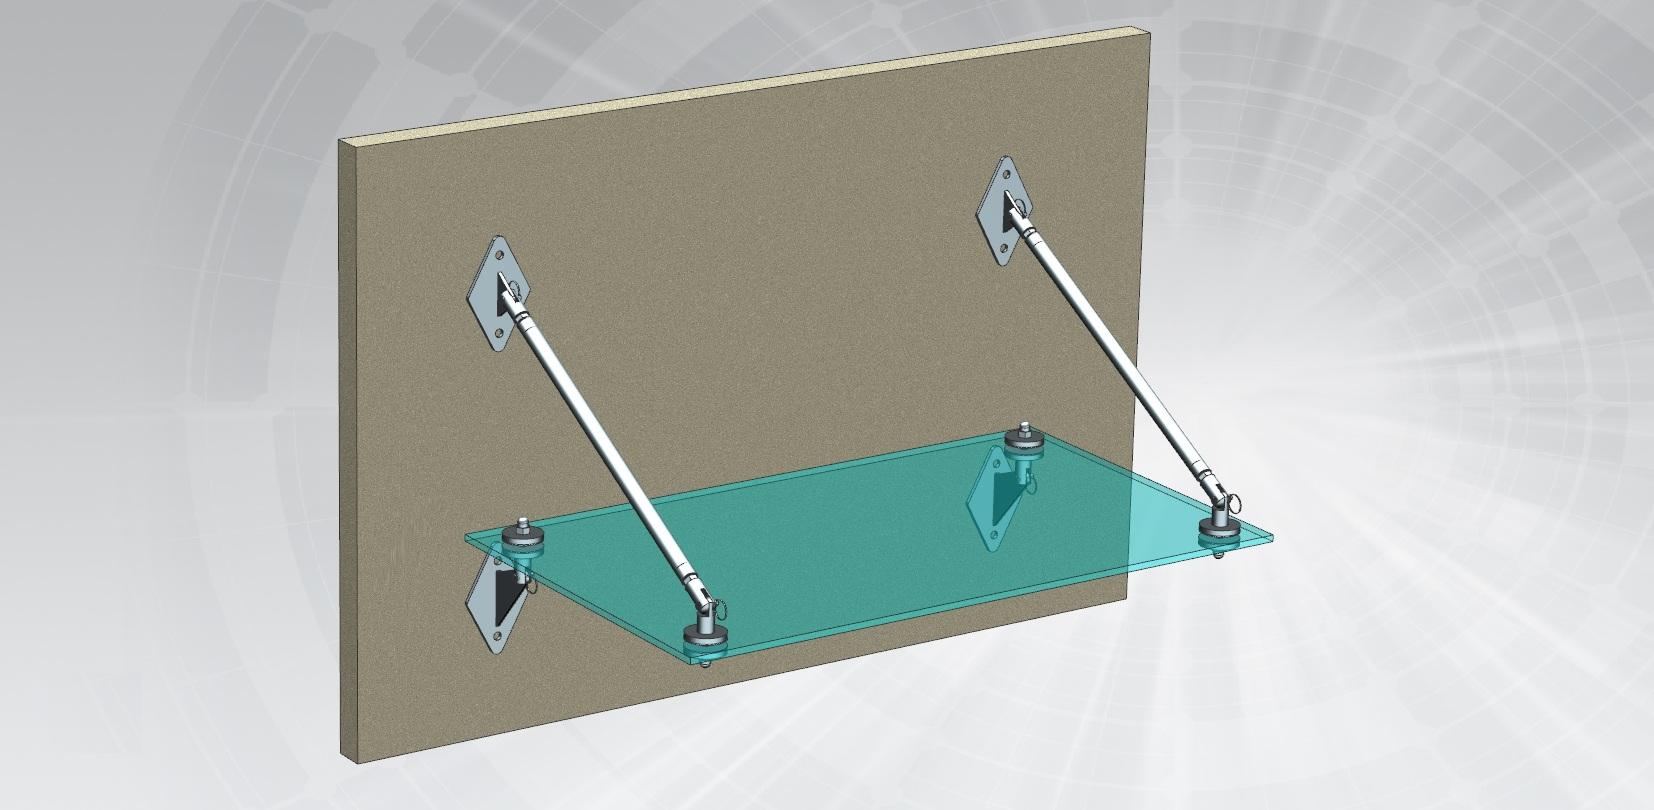 Kapı Giriş Üstü Cam Halat Gerdirme Sistemi Teknik Çizim